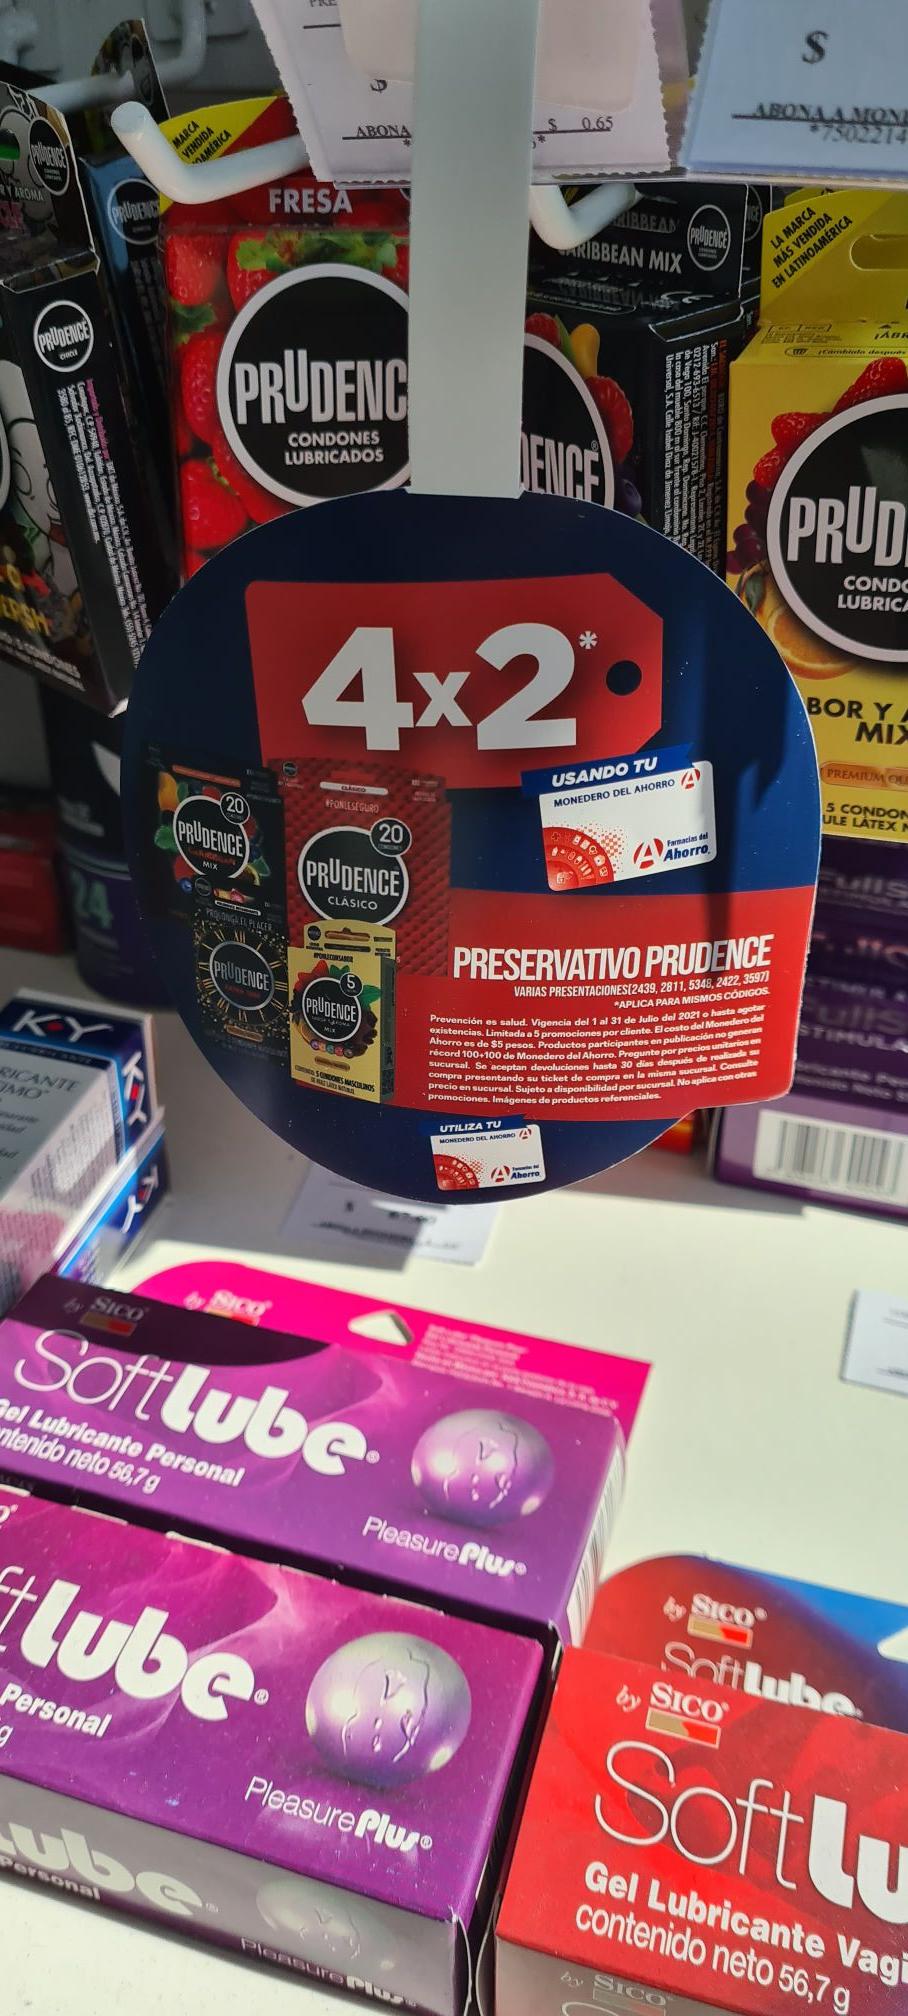 Farmacias del Ahorro: 4x2 en condones Prudence